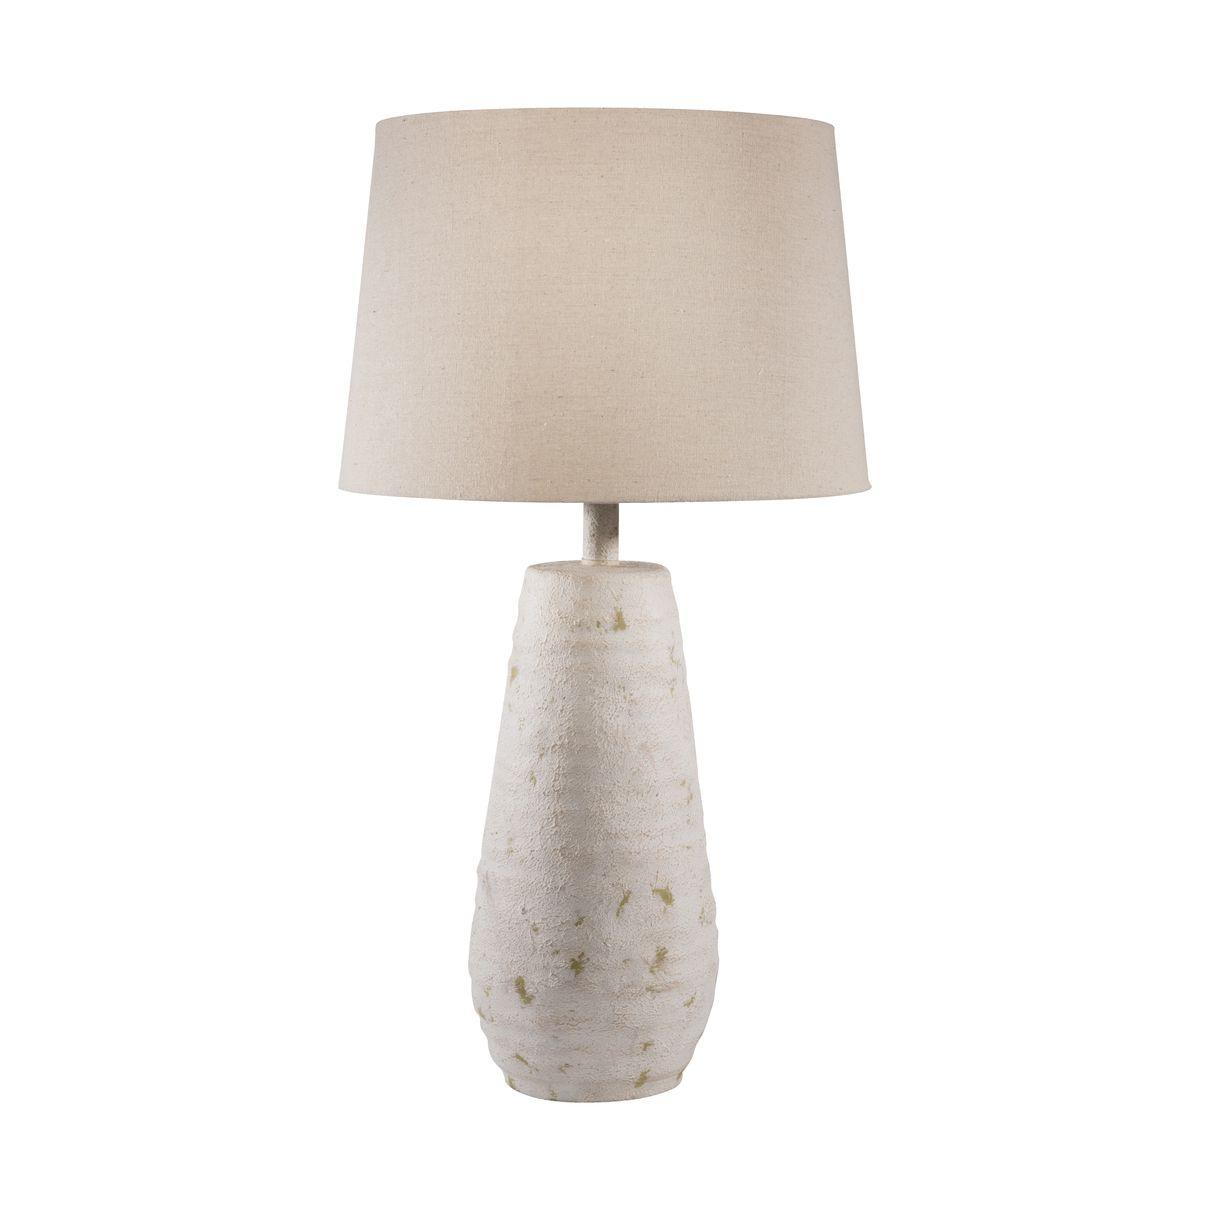 Cliff Side Table Lamp Side Table Lamps Table Lamp Lamp